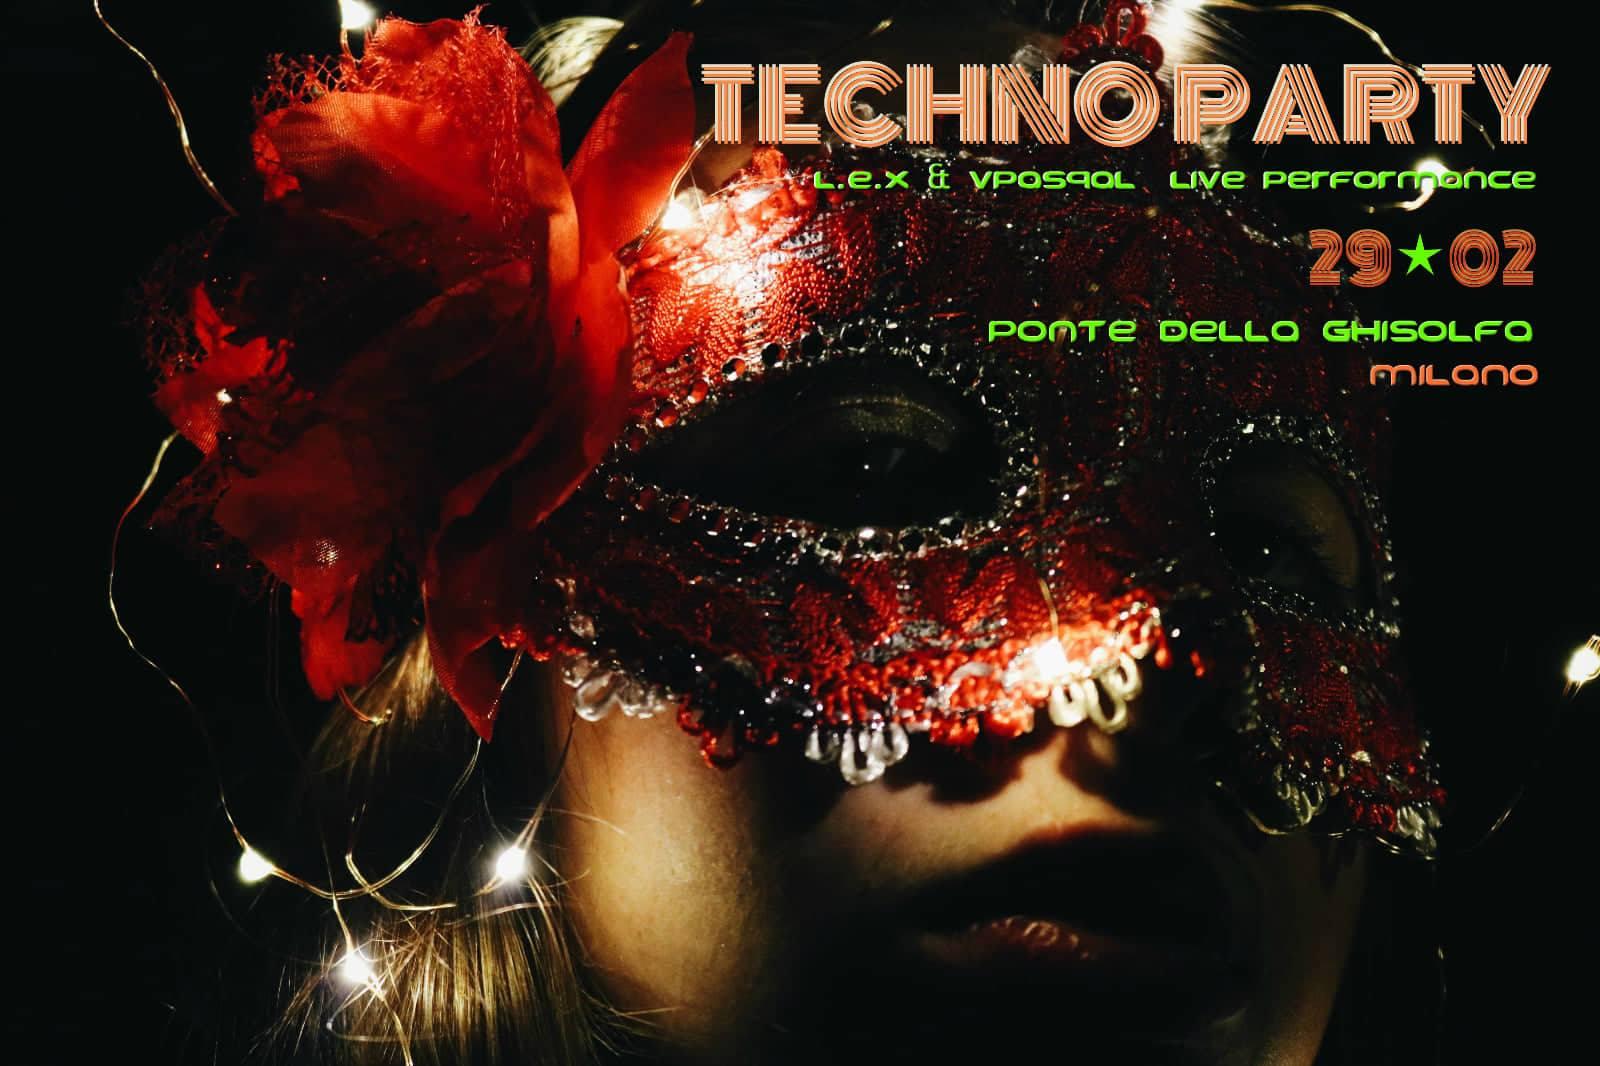 Techno party in maschera al ponte della ghisolfa